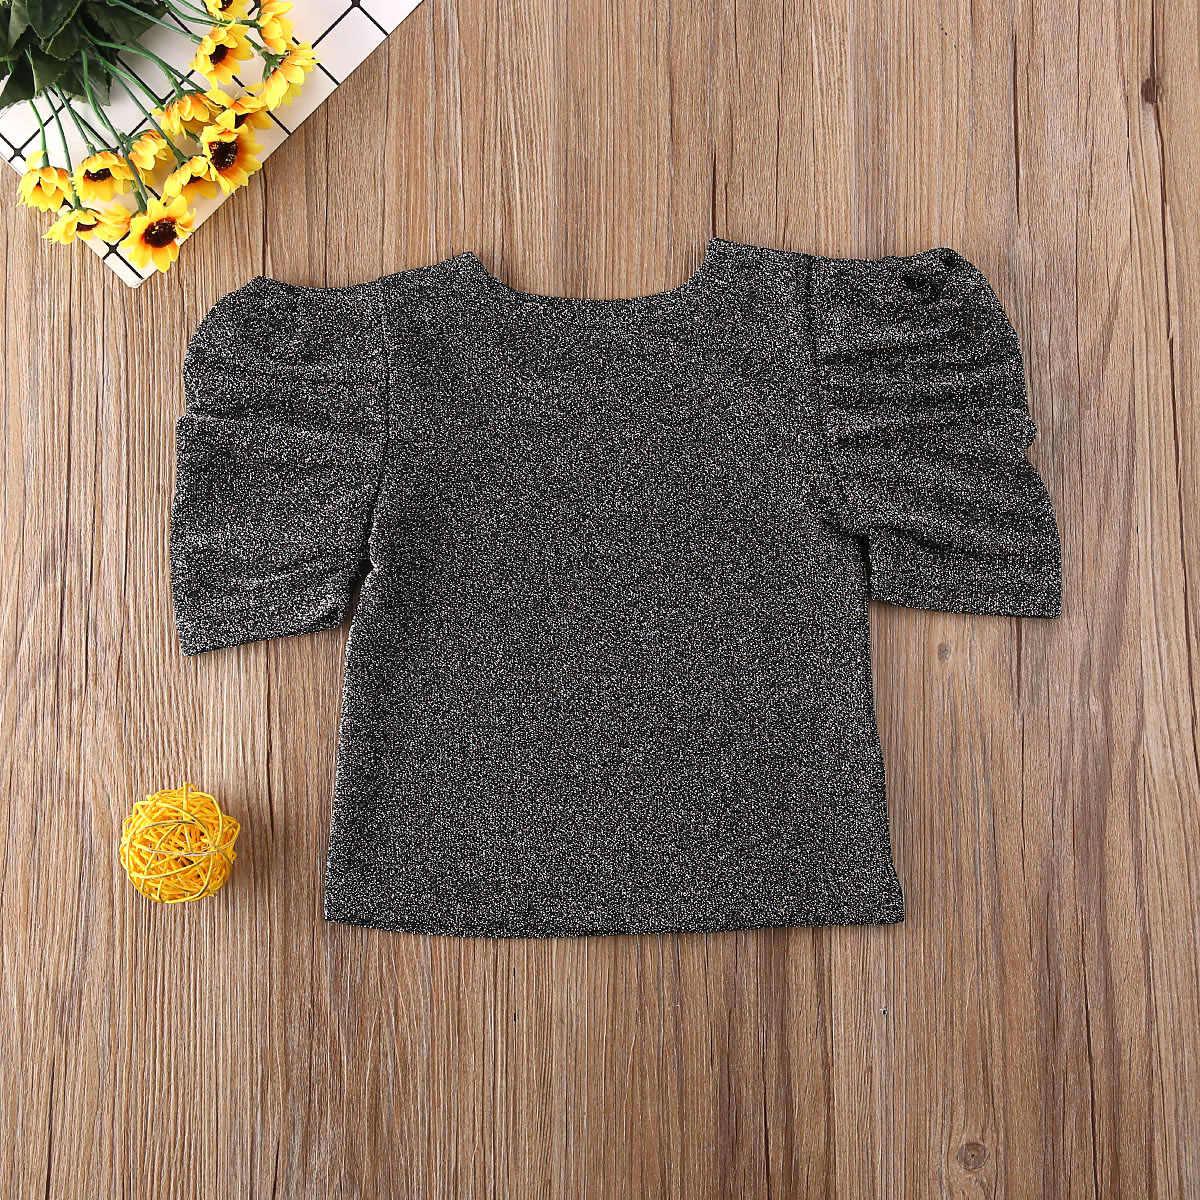 0-5y crianças da criança do bebê da menina t camisas roupas de verão camisetas casuais camiseta estrelas lantejoulas imprimir sólido moda